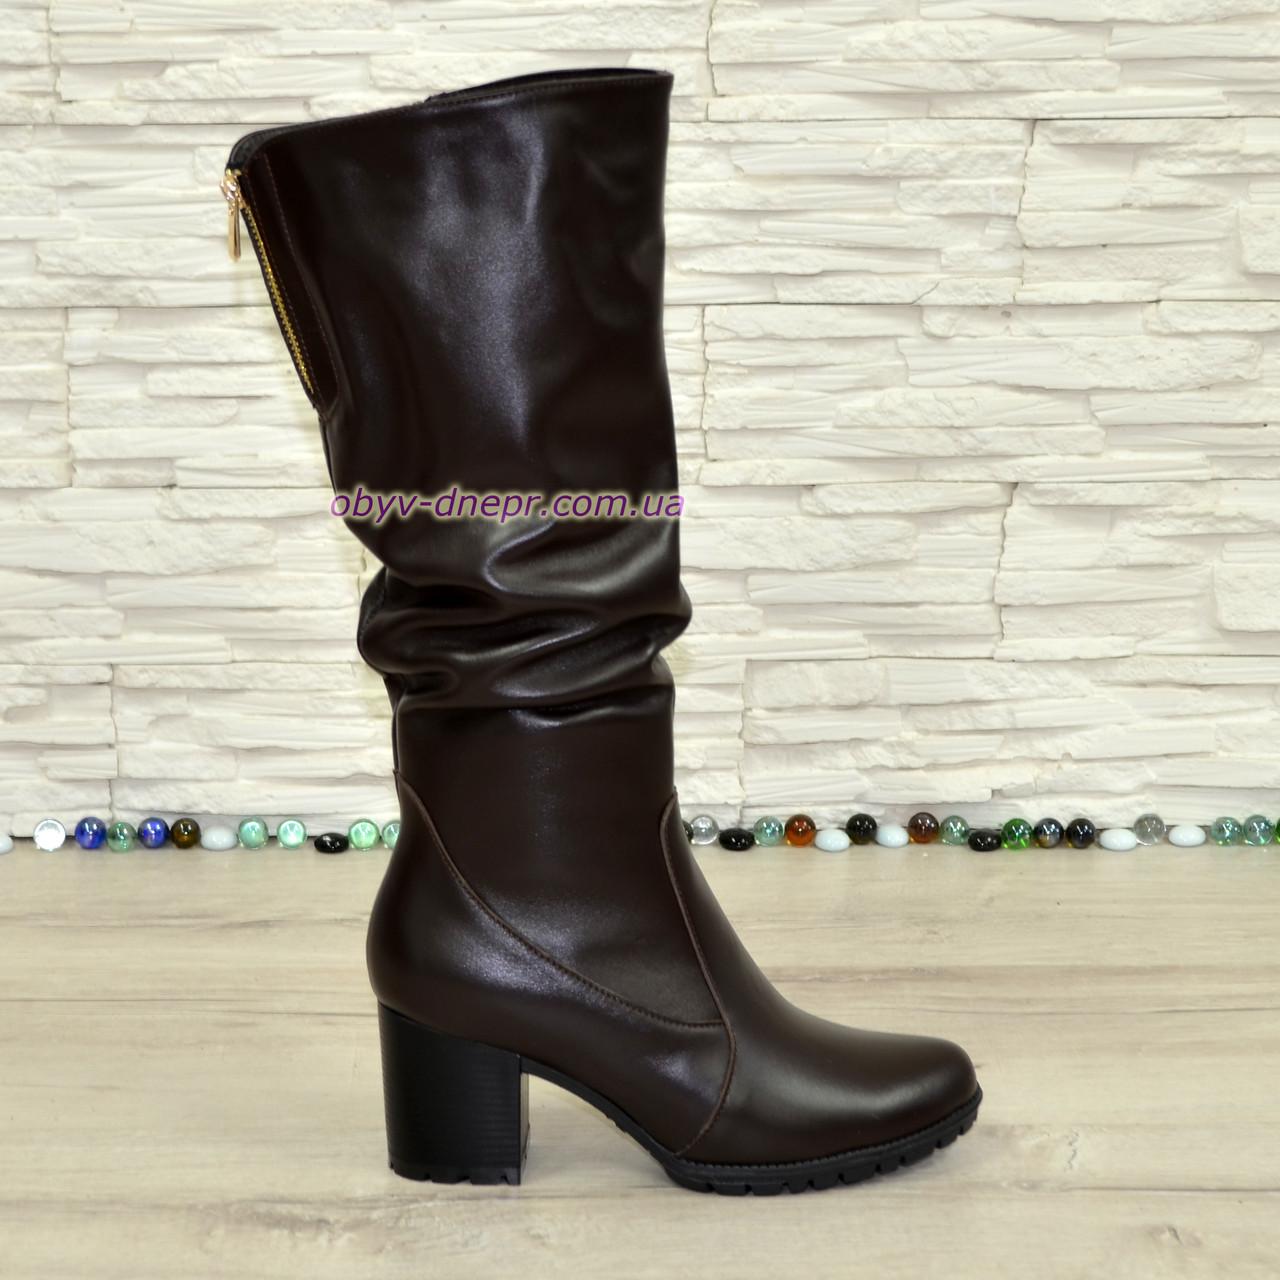 Сапоги женские зимние коричневые кожаные на устойчивом каблуке